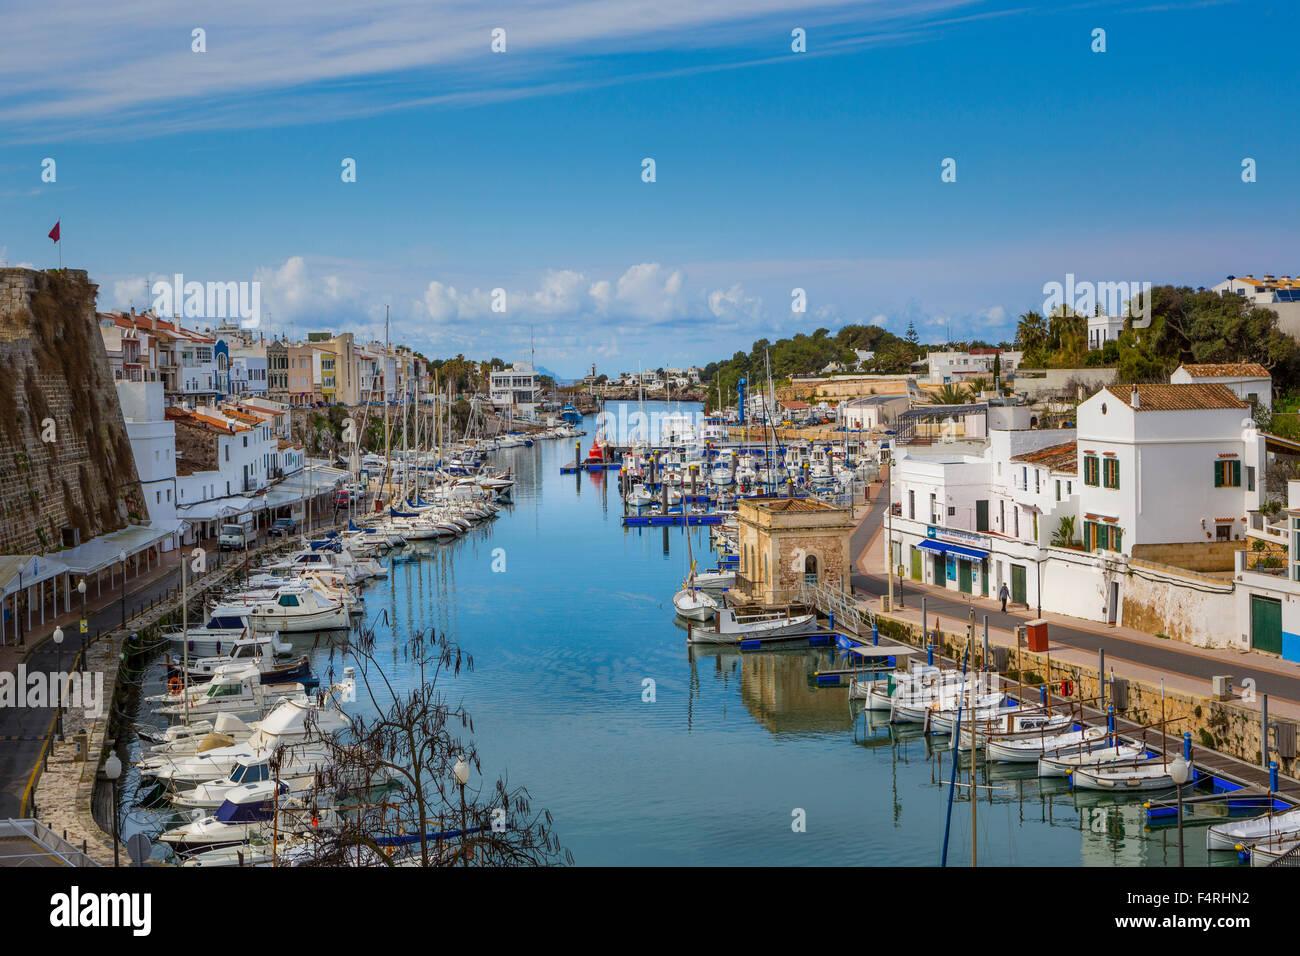 Bâtiment, Ciutadella, Minorque, Baléares, Paysage, printemps, l'architecture, de la baie, des bateaux, Photo Stock